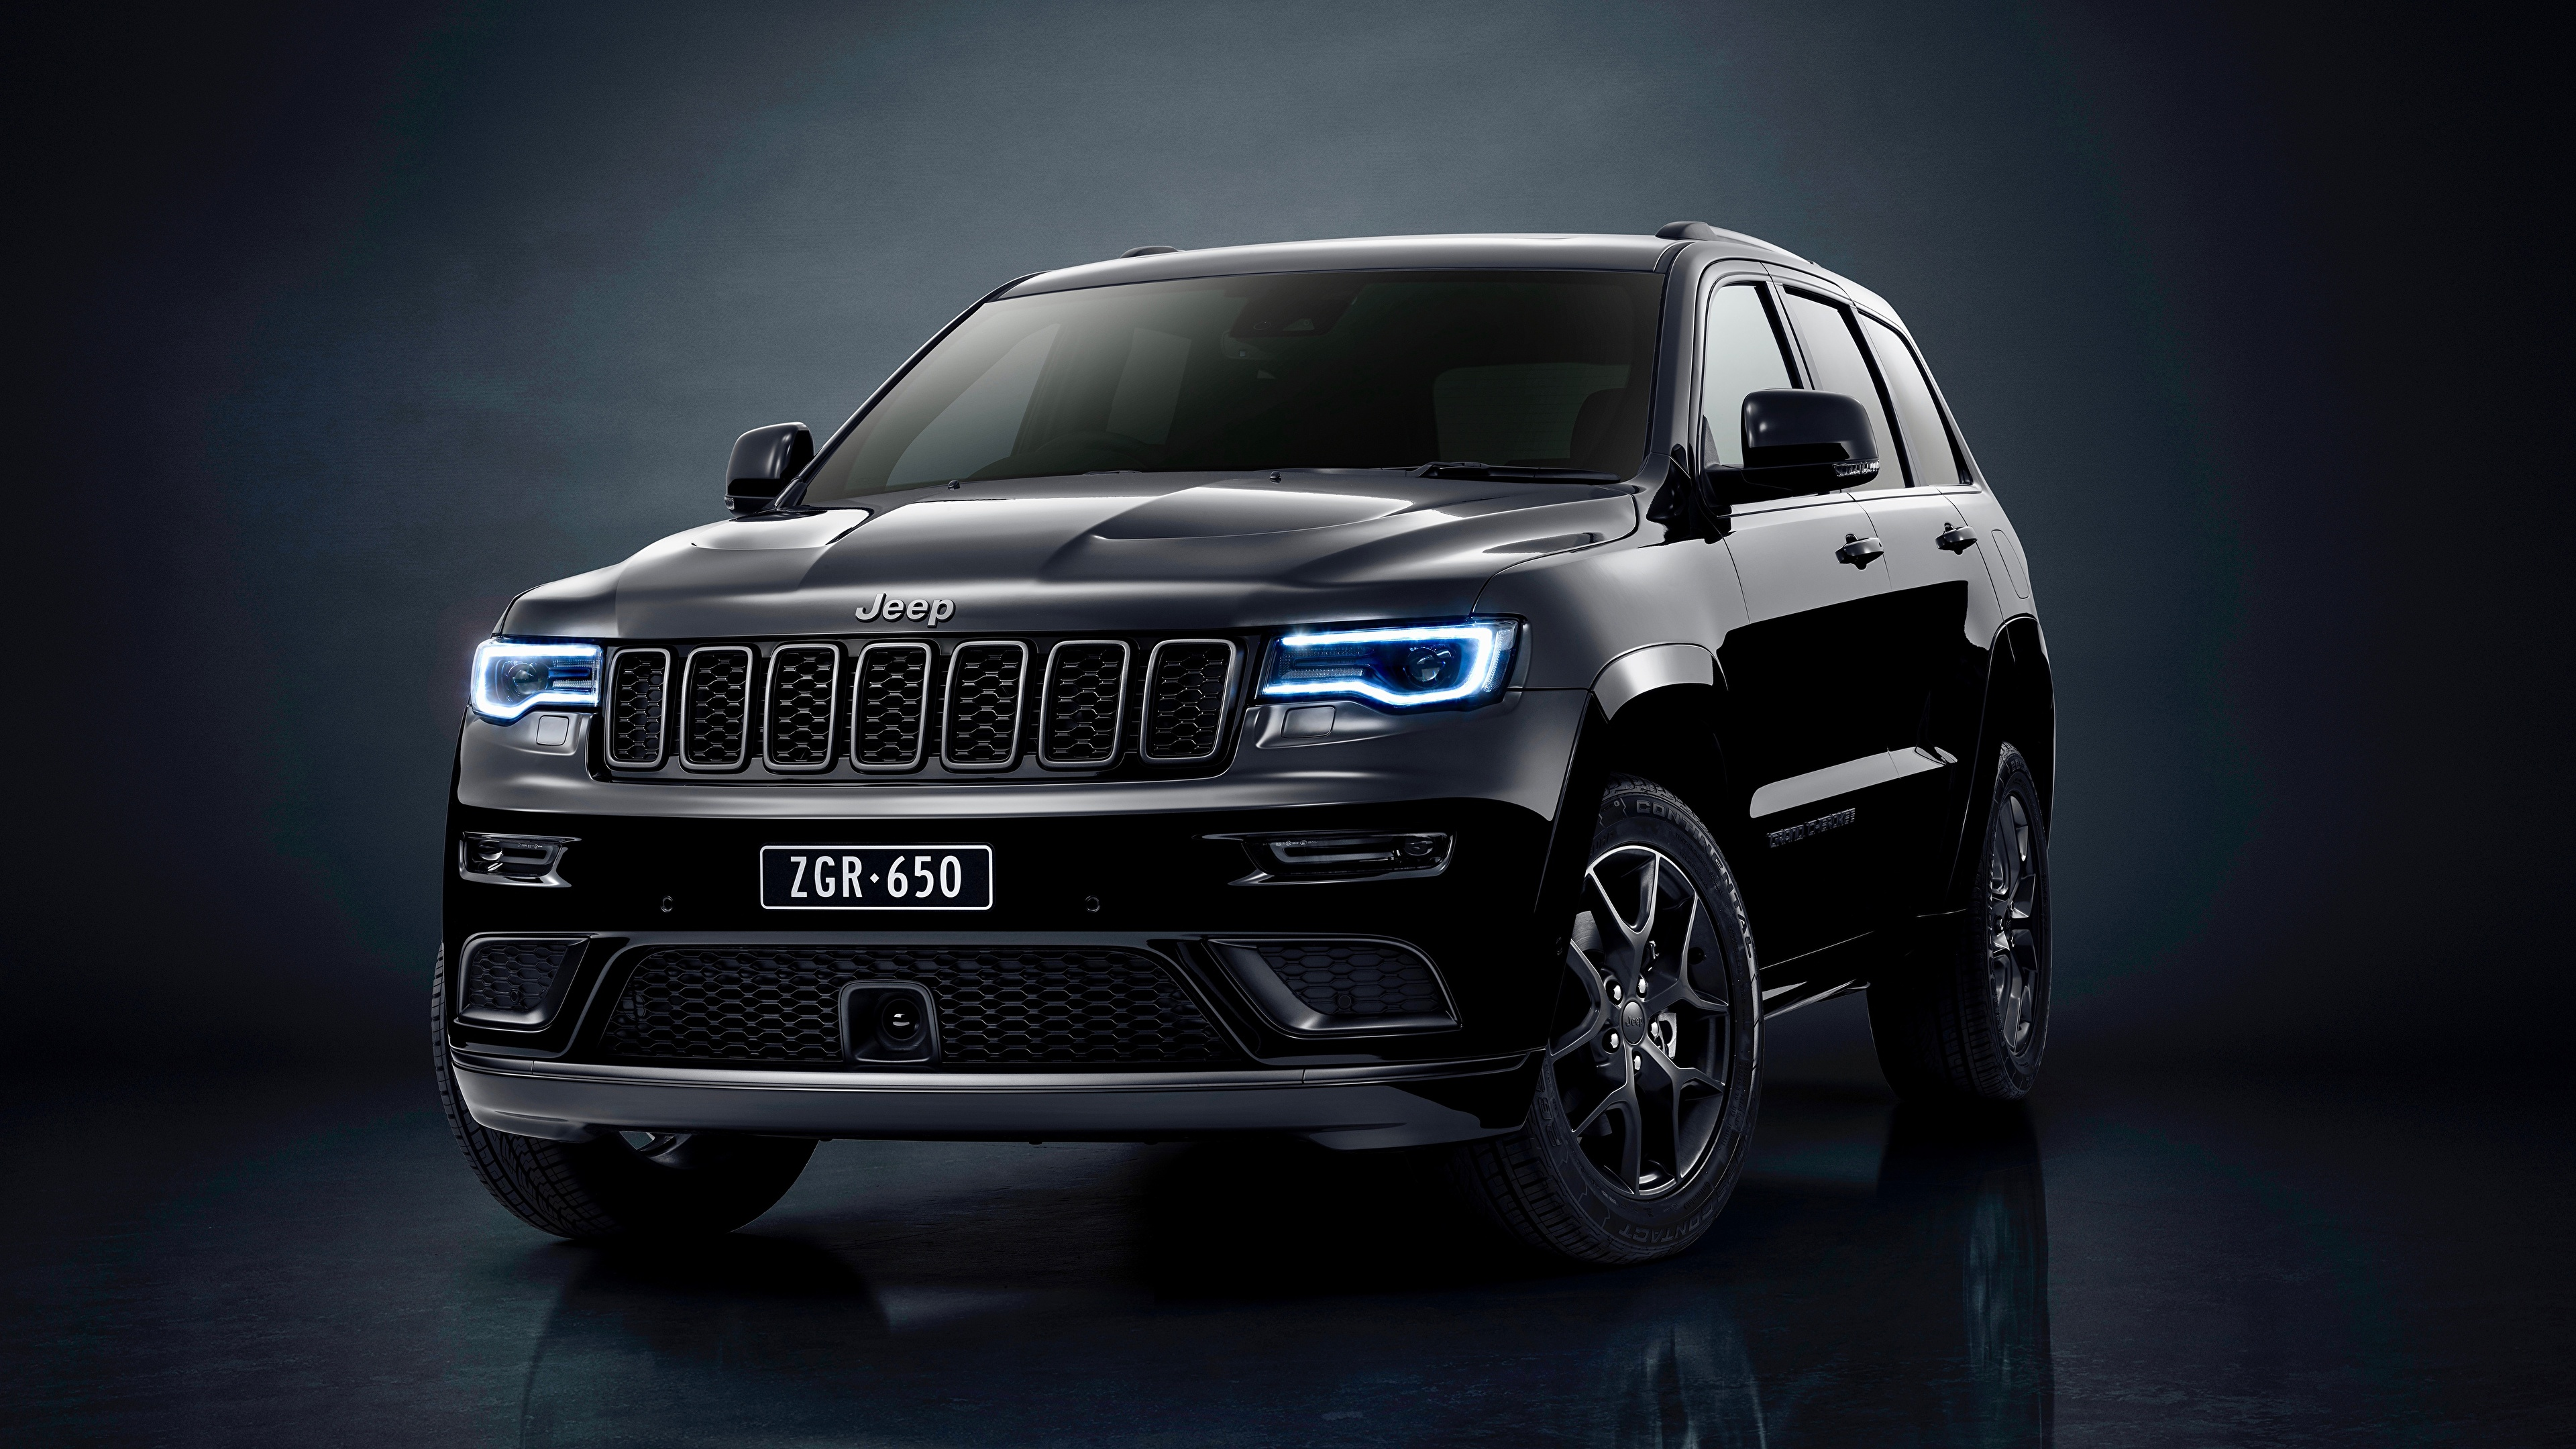 Фотографии Jeep Grand Cherokee Limited 2019 Grand Cherokee S Черный Металлик автомобиль 3840x2160 Джип черных черные черная авто машина машины Автомобили